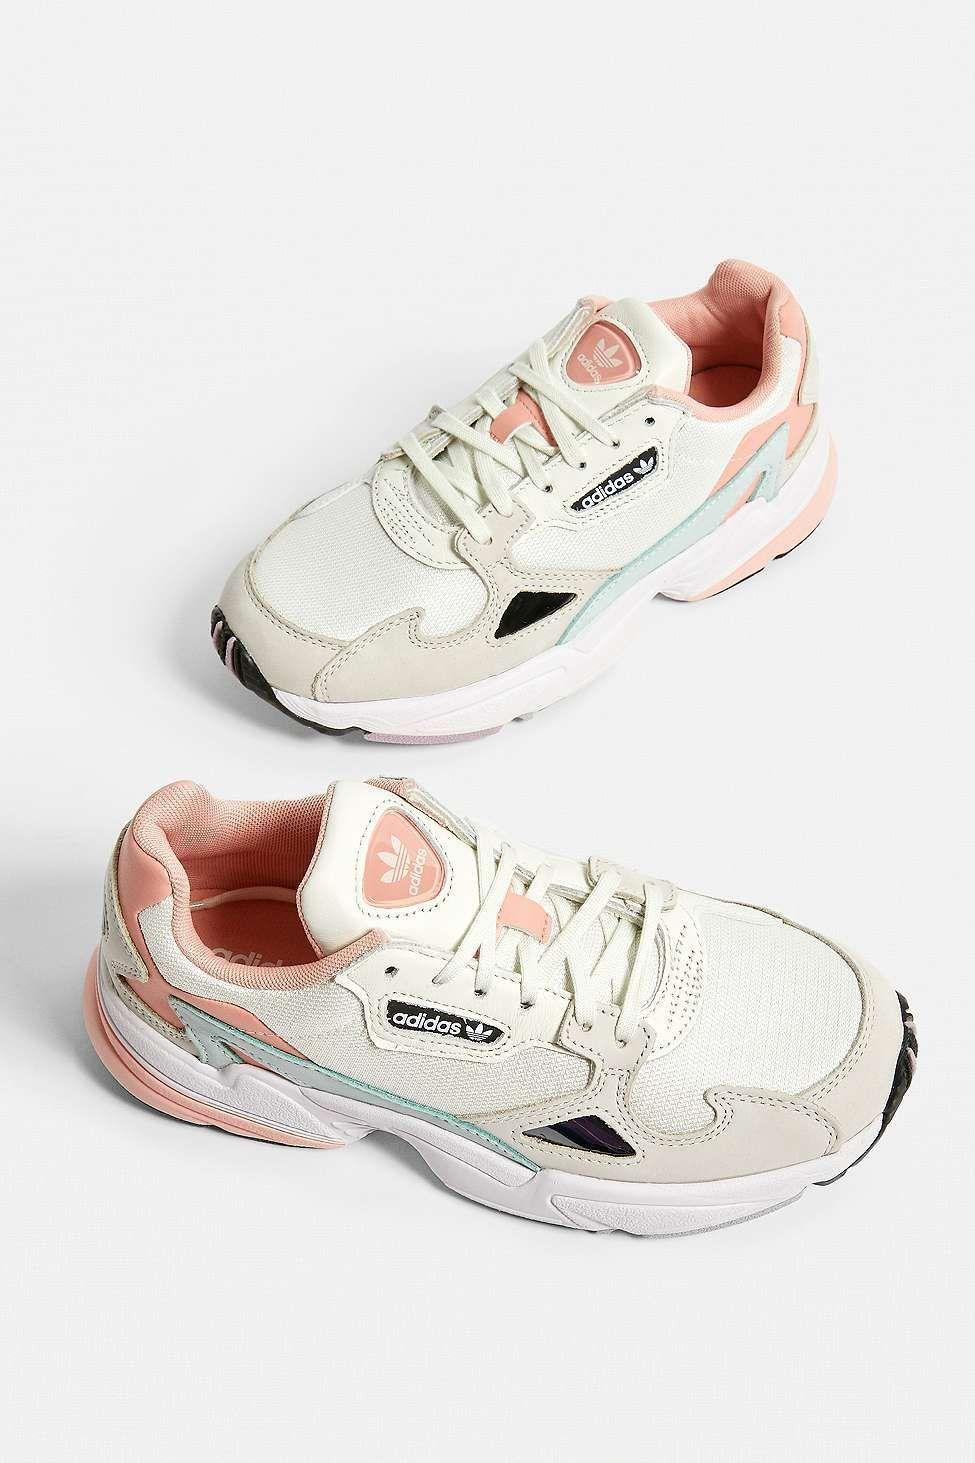 adidas Originals Falcon Pale Pink